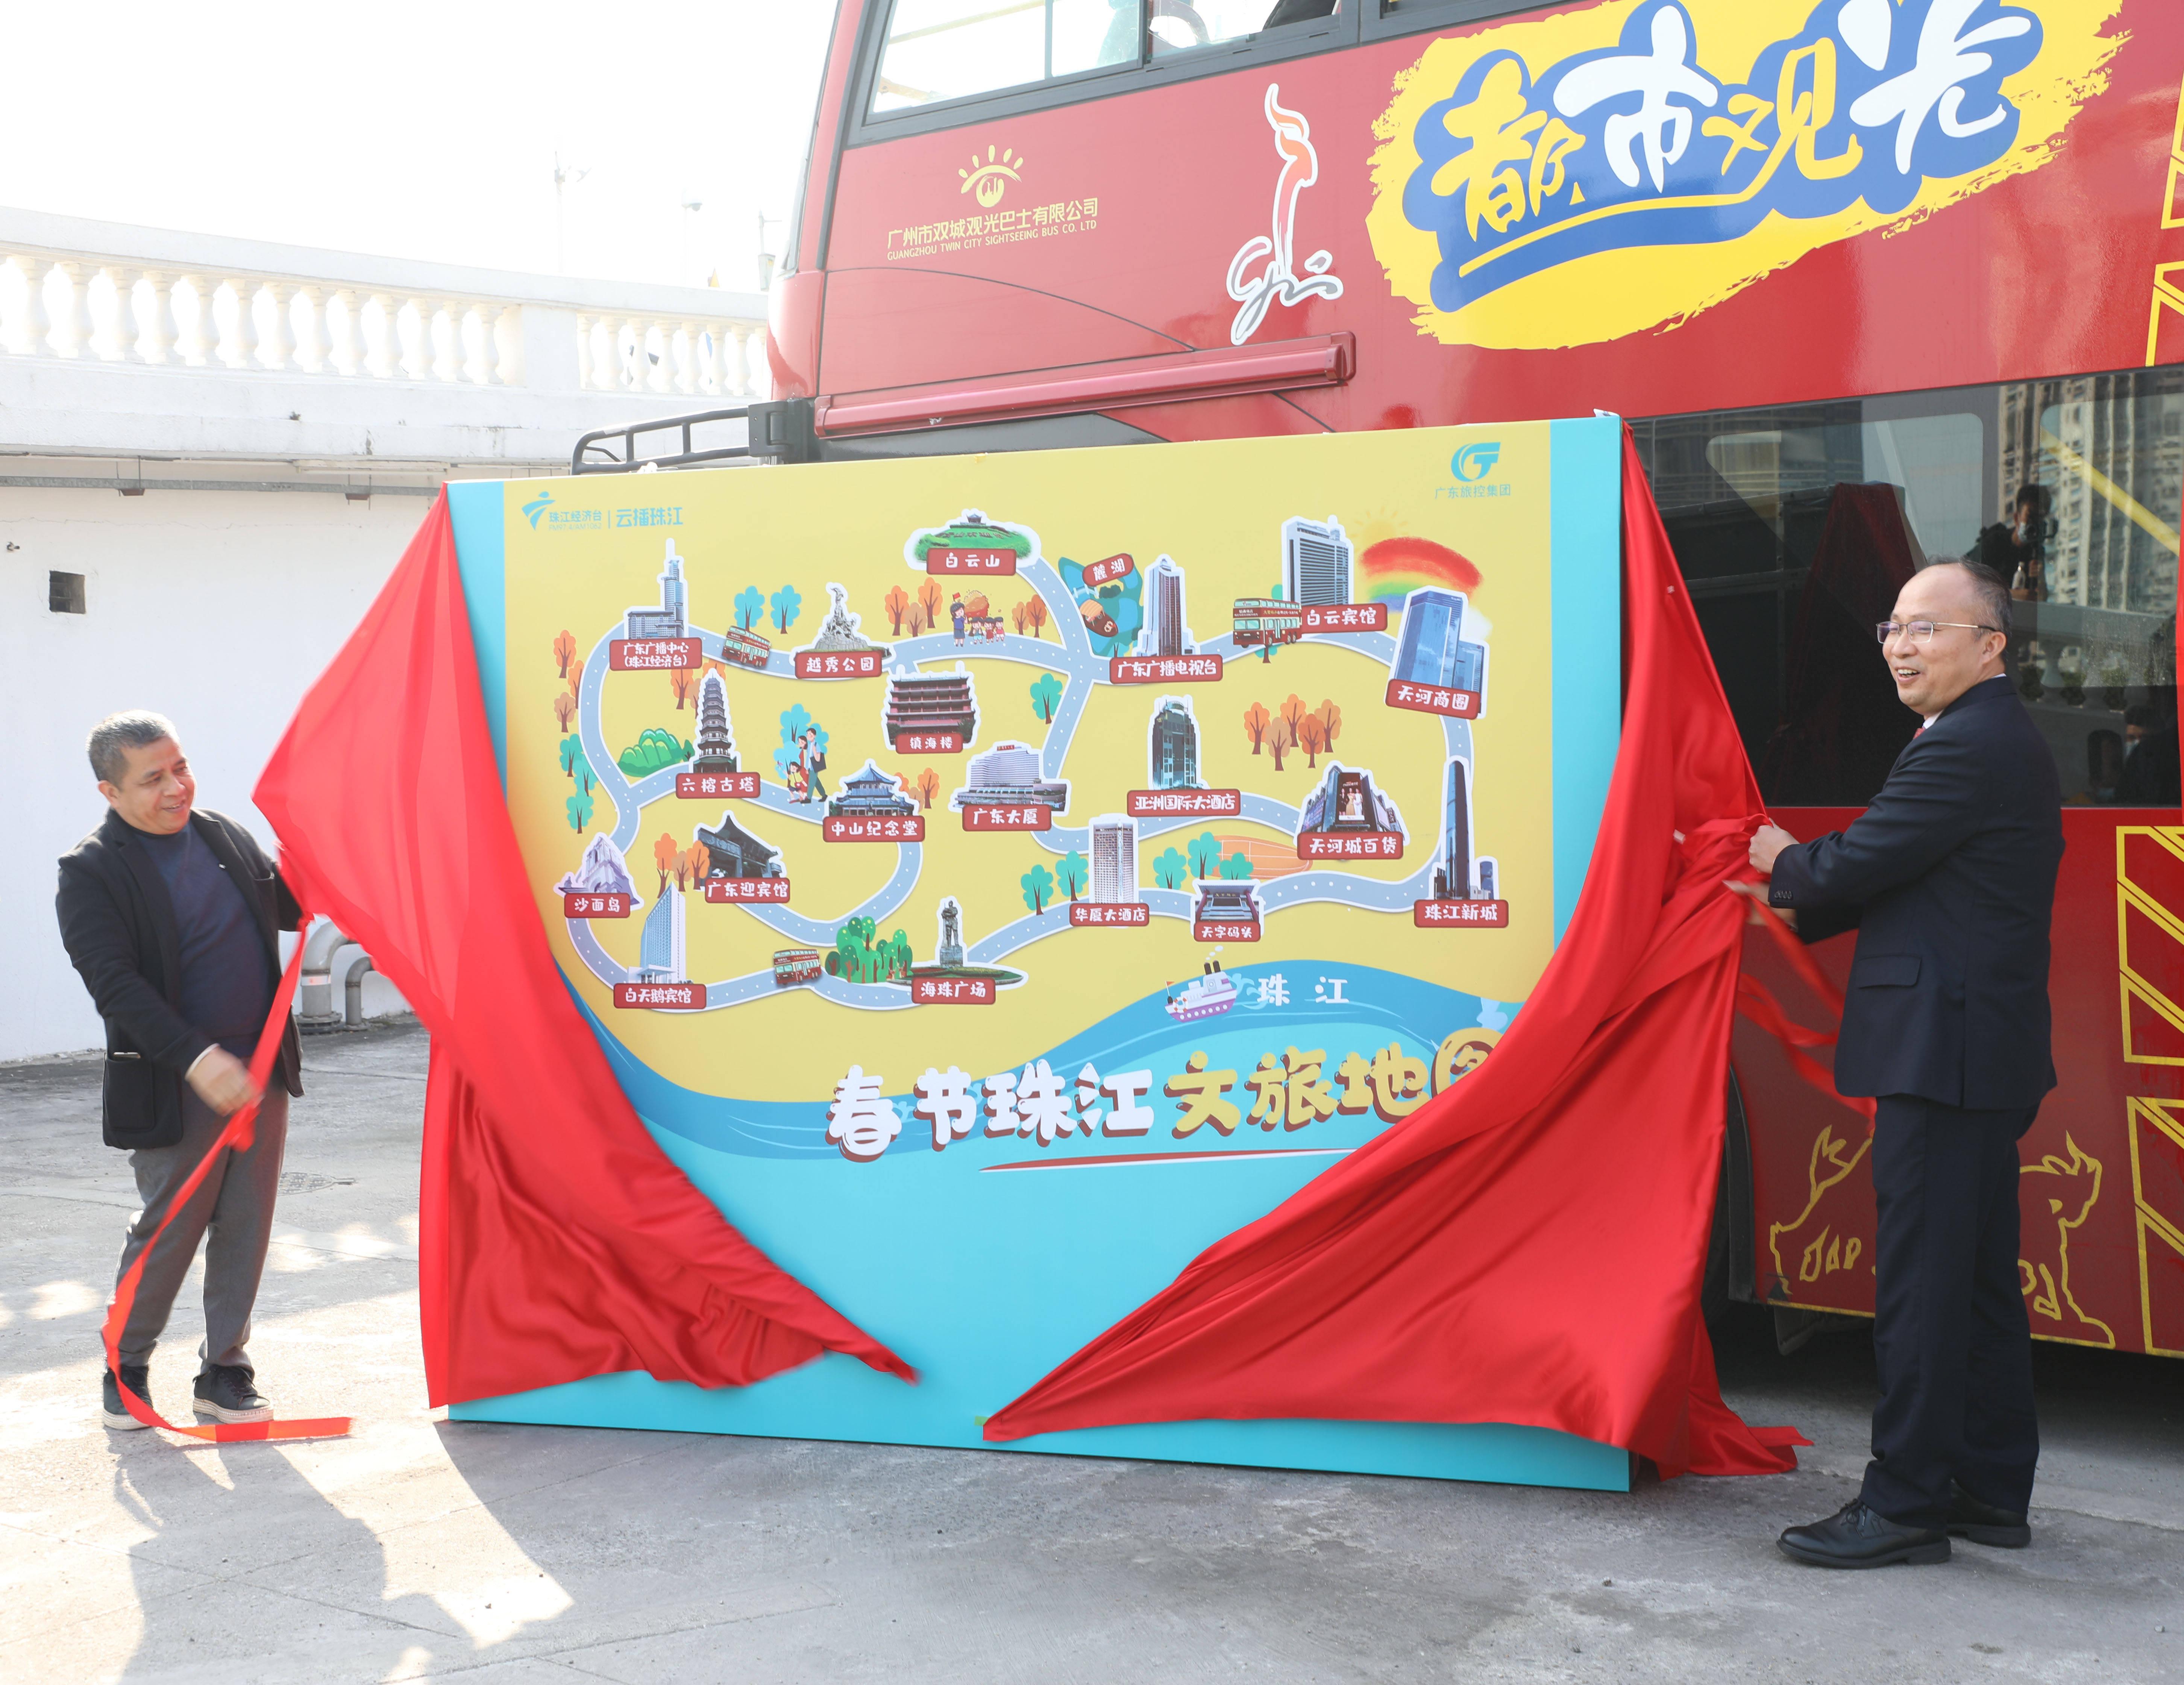 在粤过年丨乐游羊城,双层巴士云直播推介羊城游新亮点